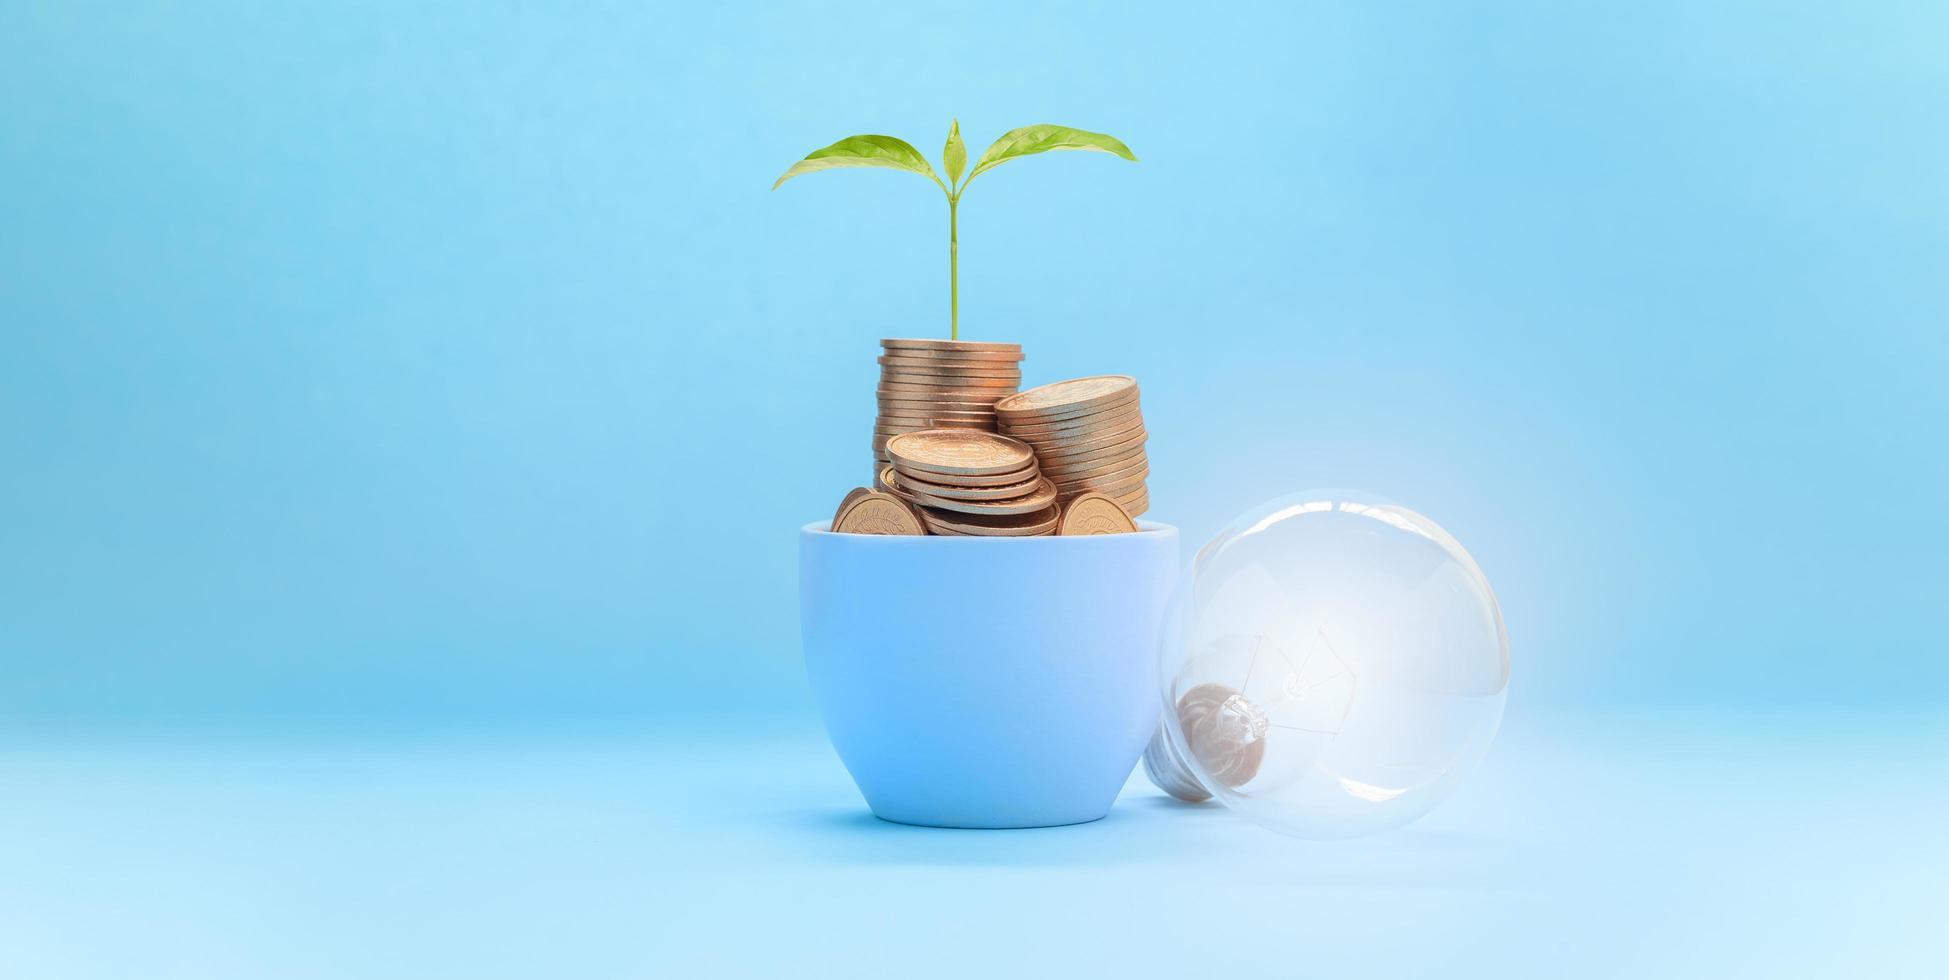 Konzept Investition Aktienfinanzierung Wachstum Geld sparen foto